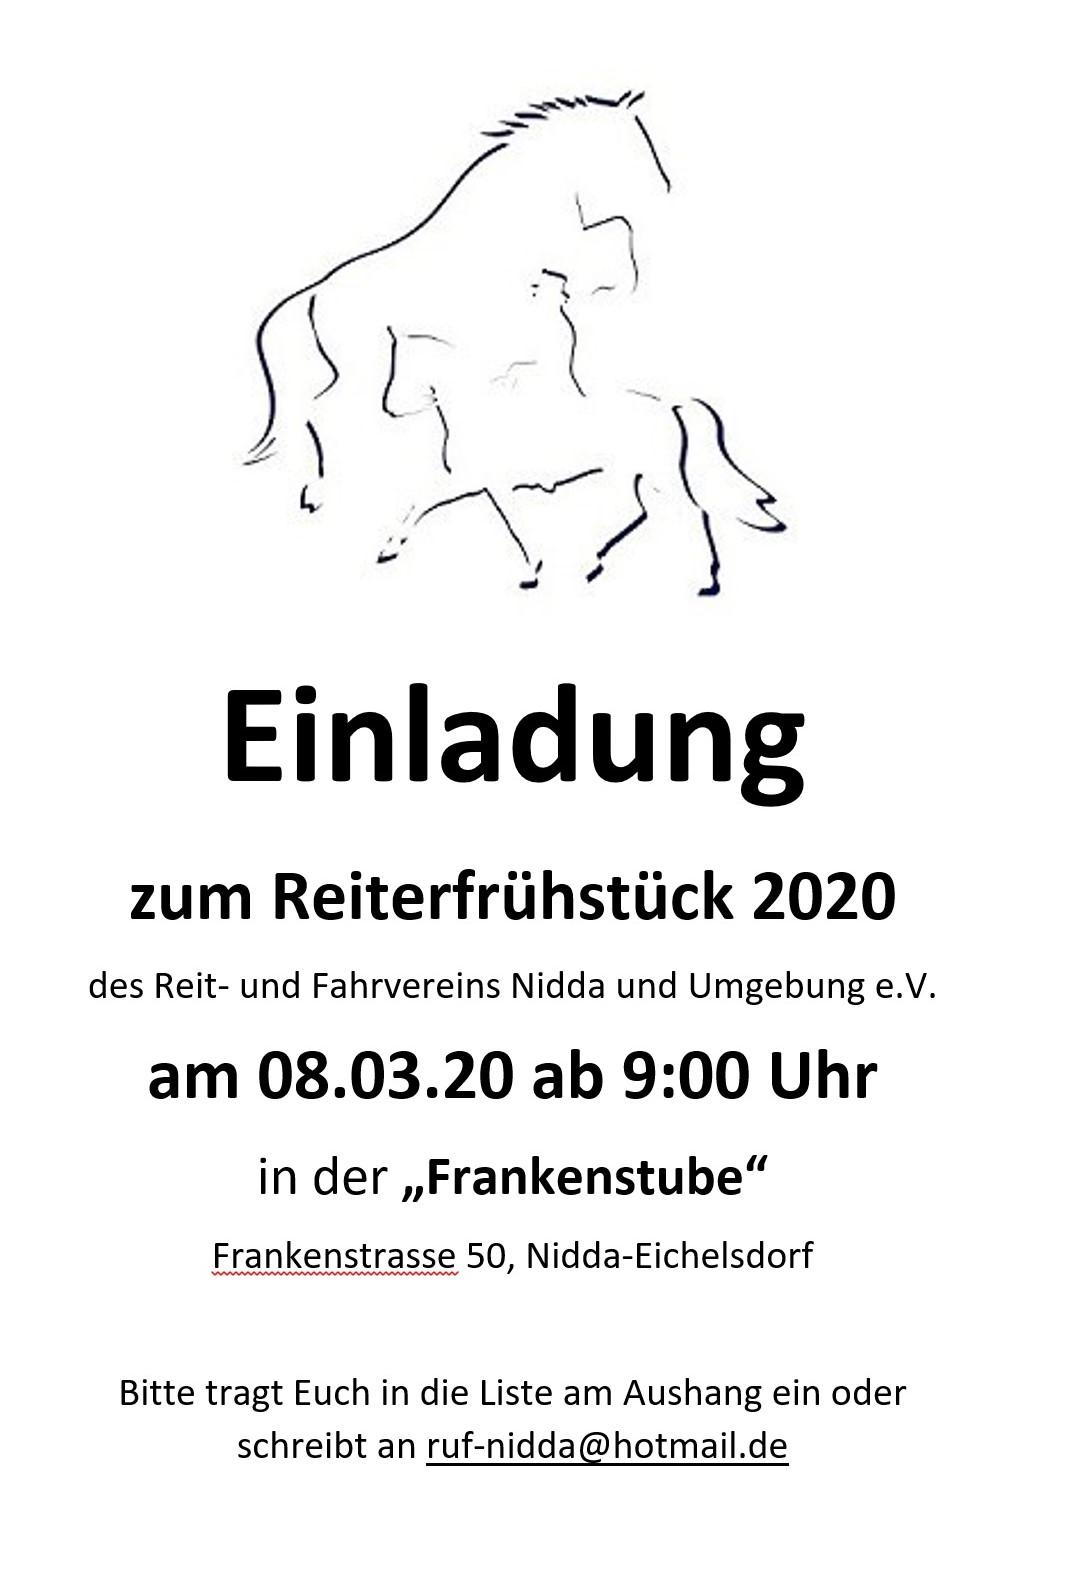 Einladung Reiterfrühstück 2020